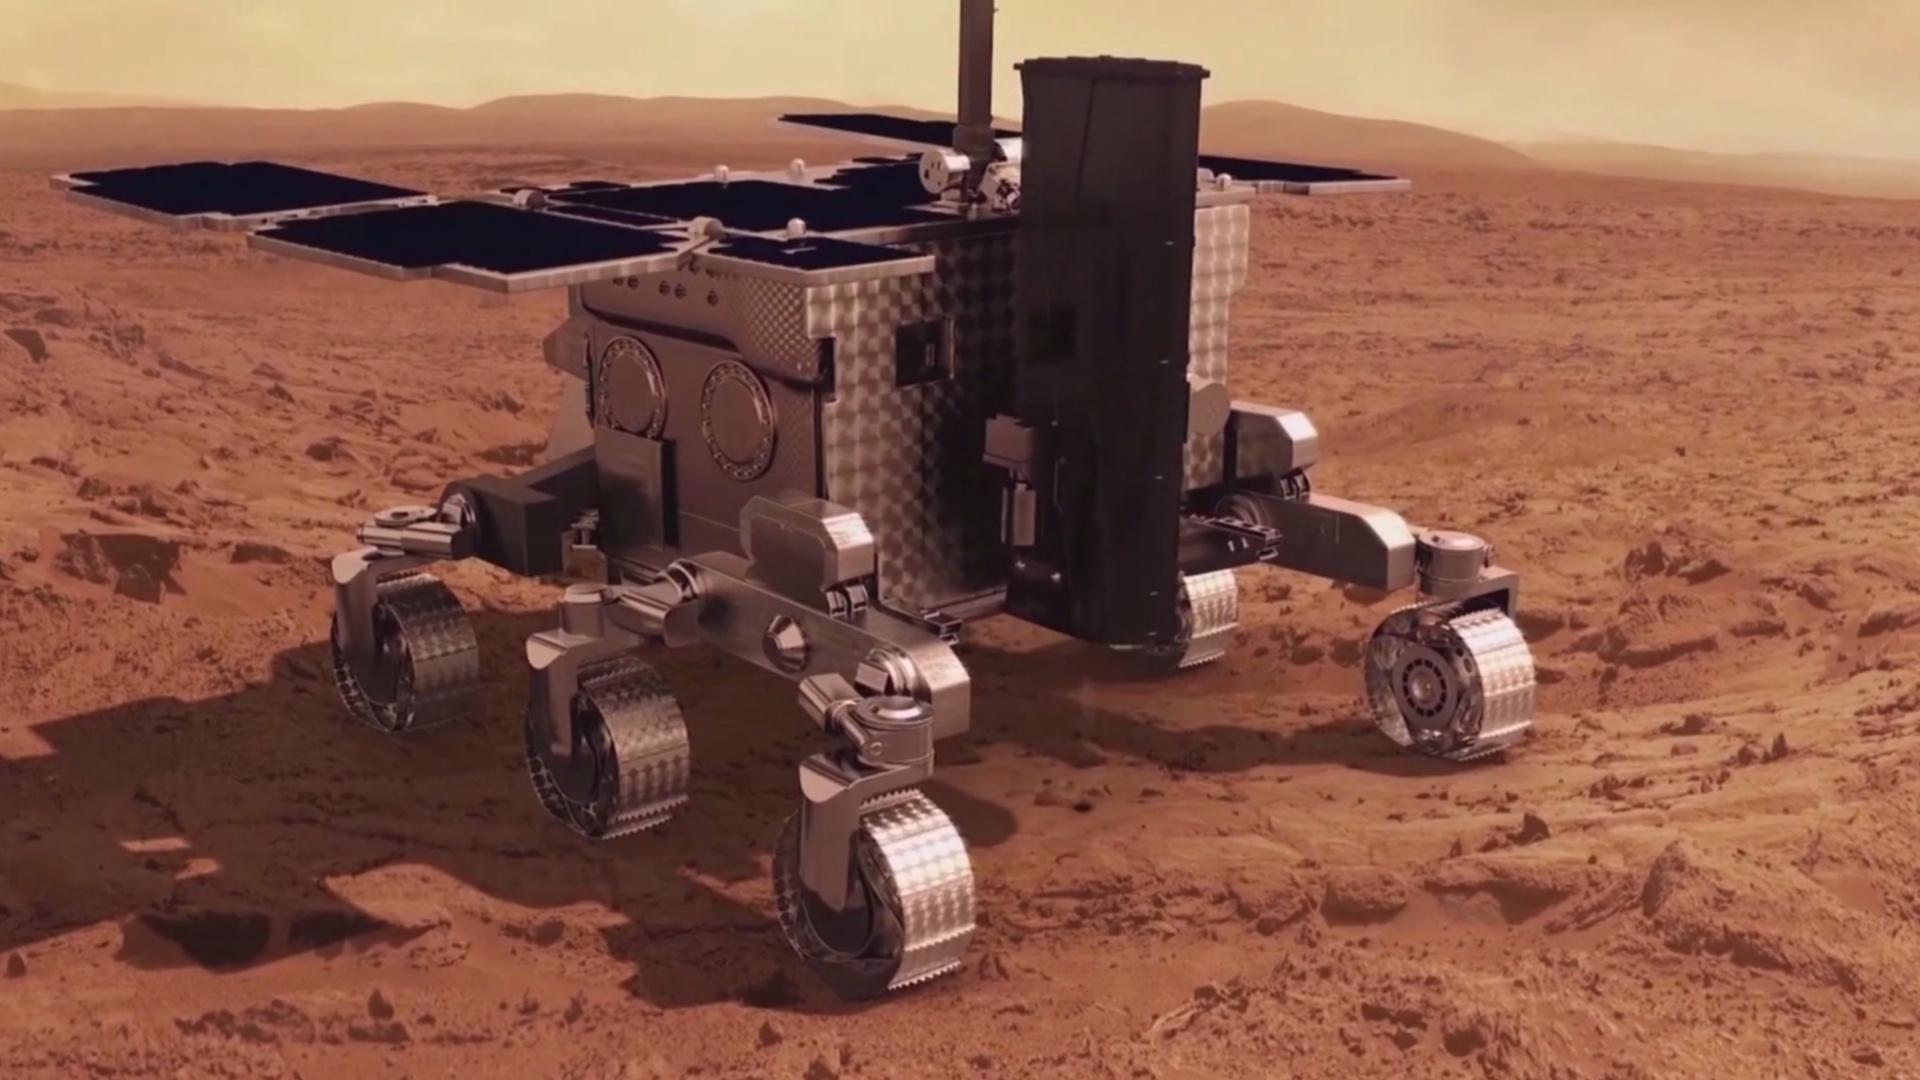 Марсоход «Розалинд Франклин» оснастили научной лабораторией